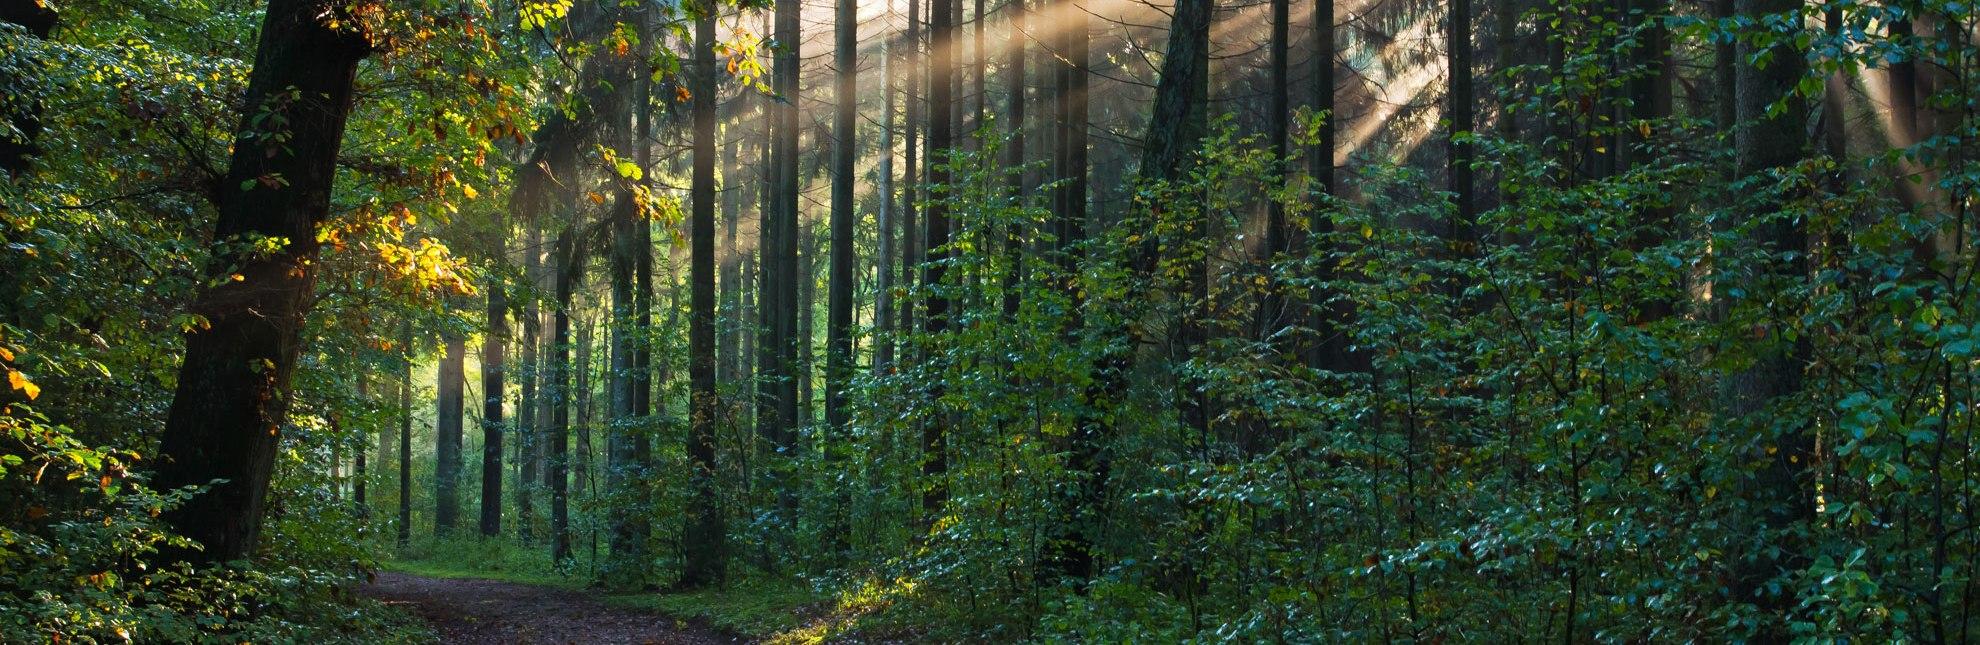 Im Sachsenwald lässt es sich herrlich auf weichen Pfaden wandern., © Thomas Ebelt / HLMS GmbH